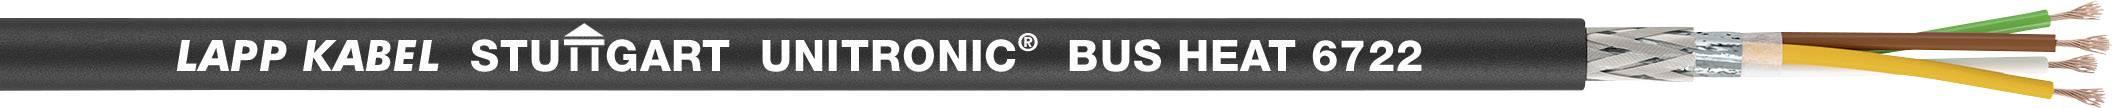 Sběrnicový kabel LAPP UNITRONIC® BUS HEAT 6722 2170387/500, vnější Ø 8.36 mm, černá, 500 m